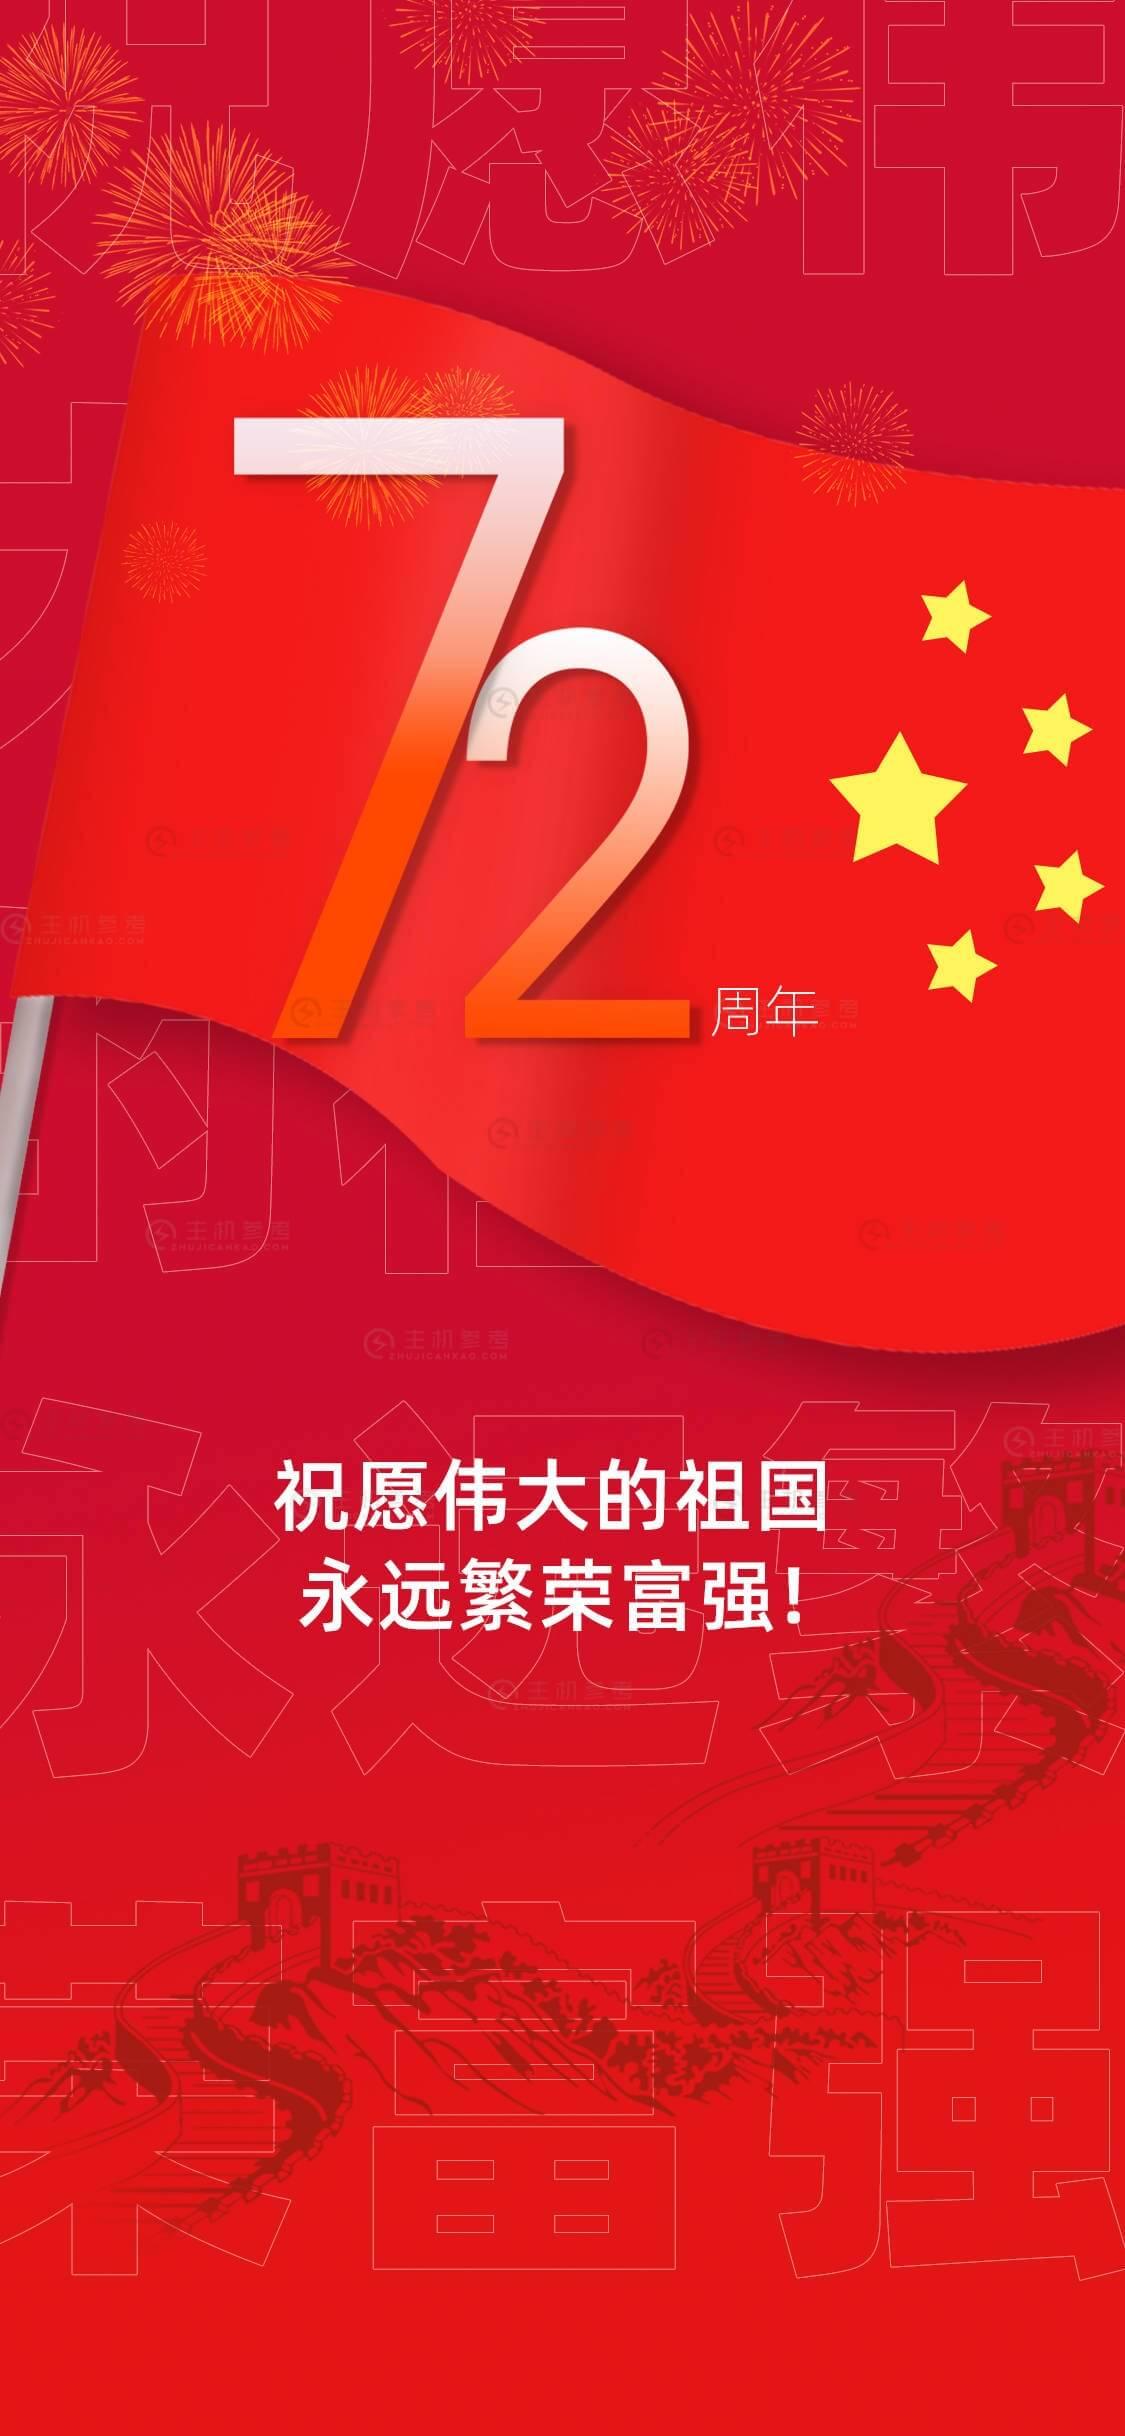 庆祝新中国成立72周年,生日快乐!-主机参考